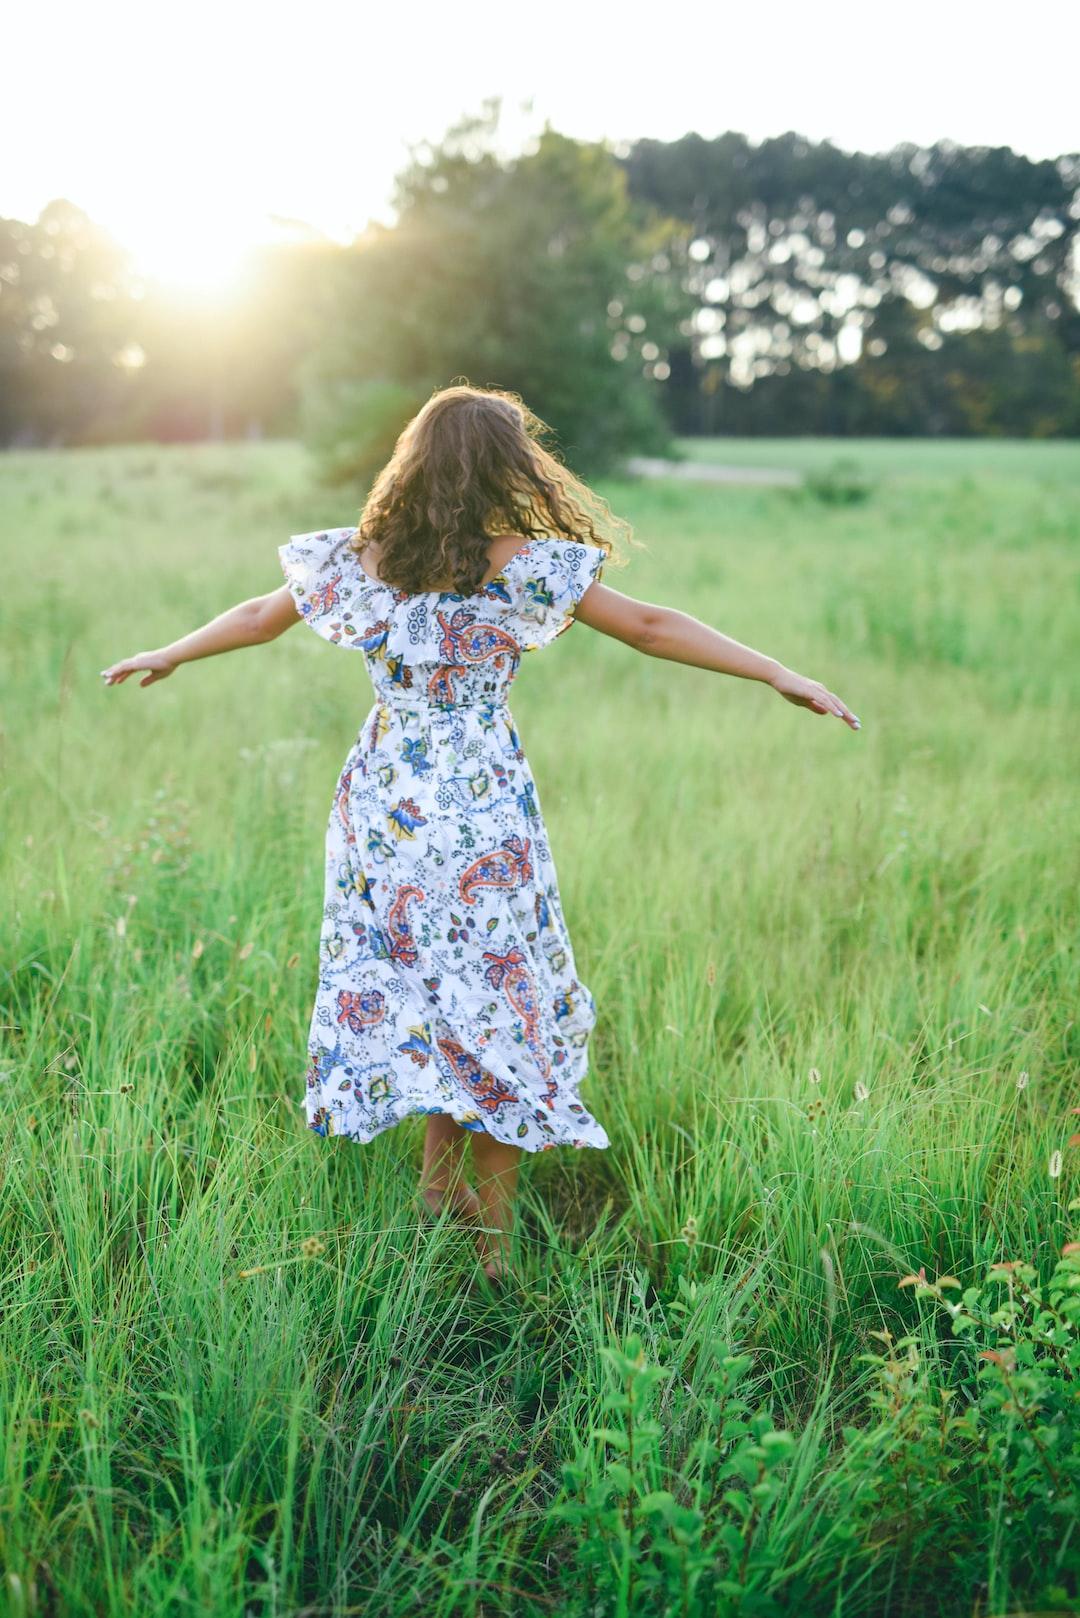 Twirling in a Field